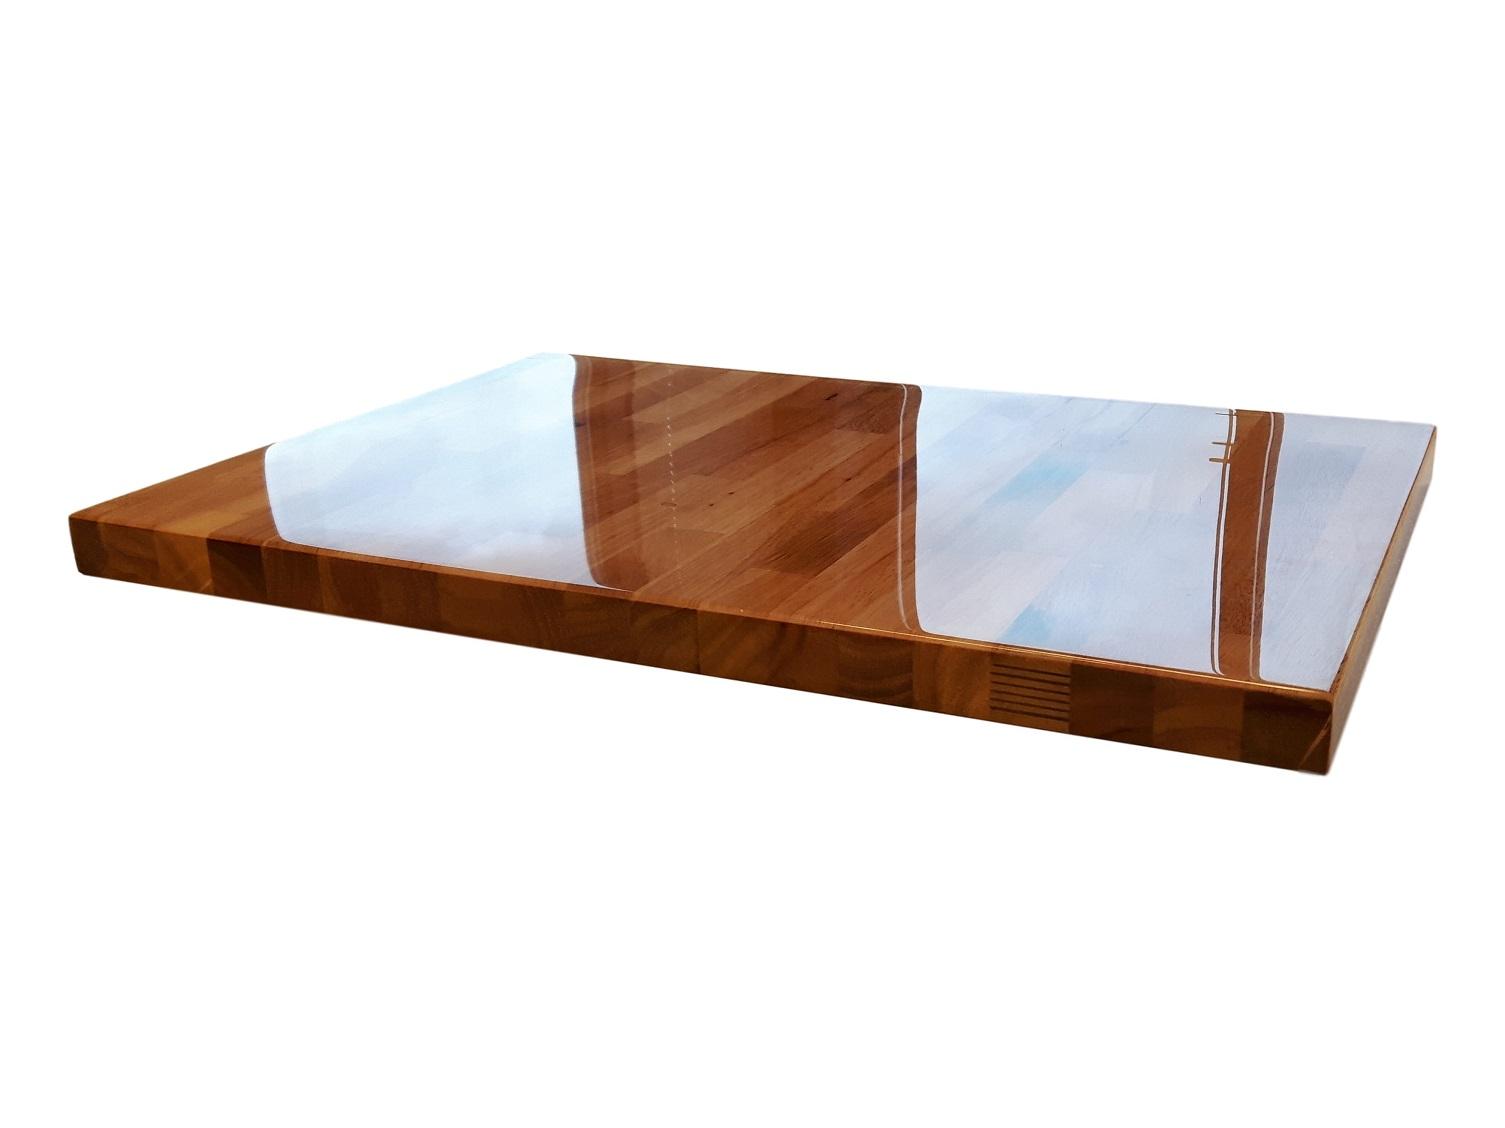 Houten Tafel Behandelen : Inspiratie en handleidingen voor het maken unieke epoxy tafels